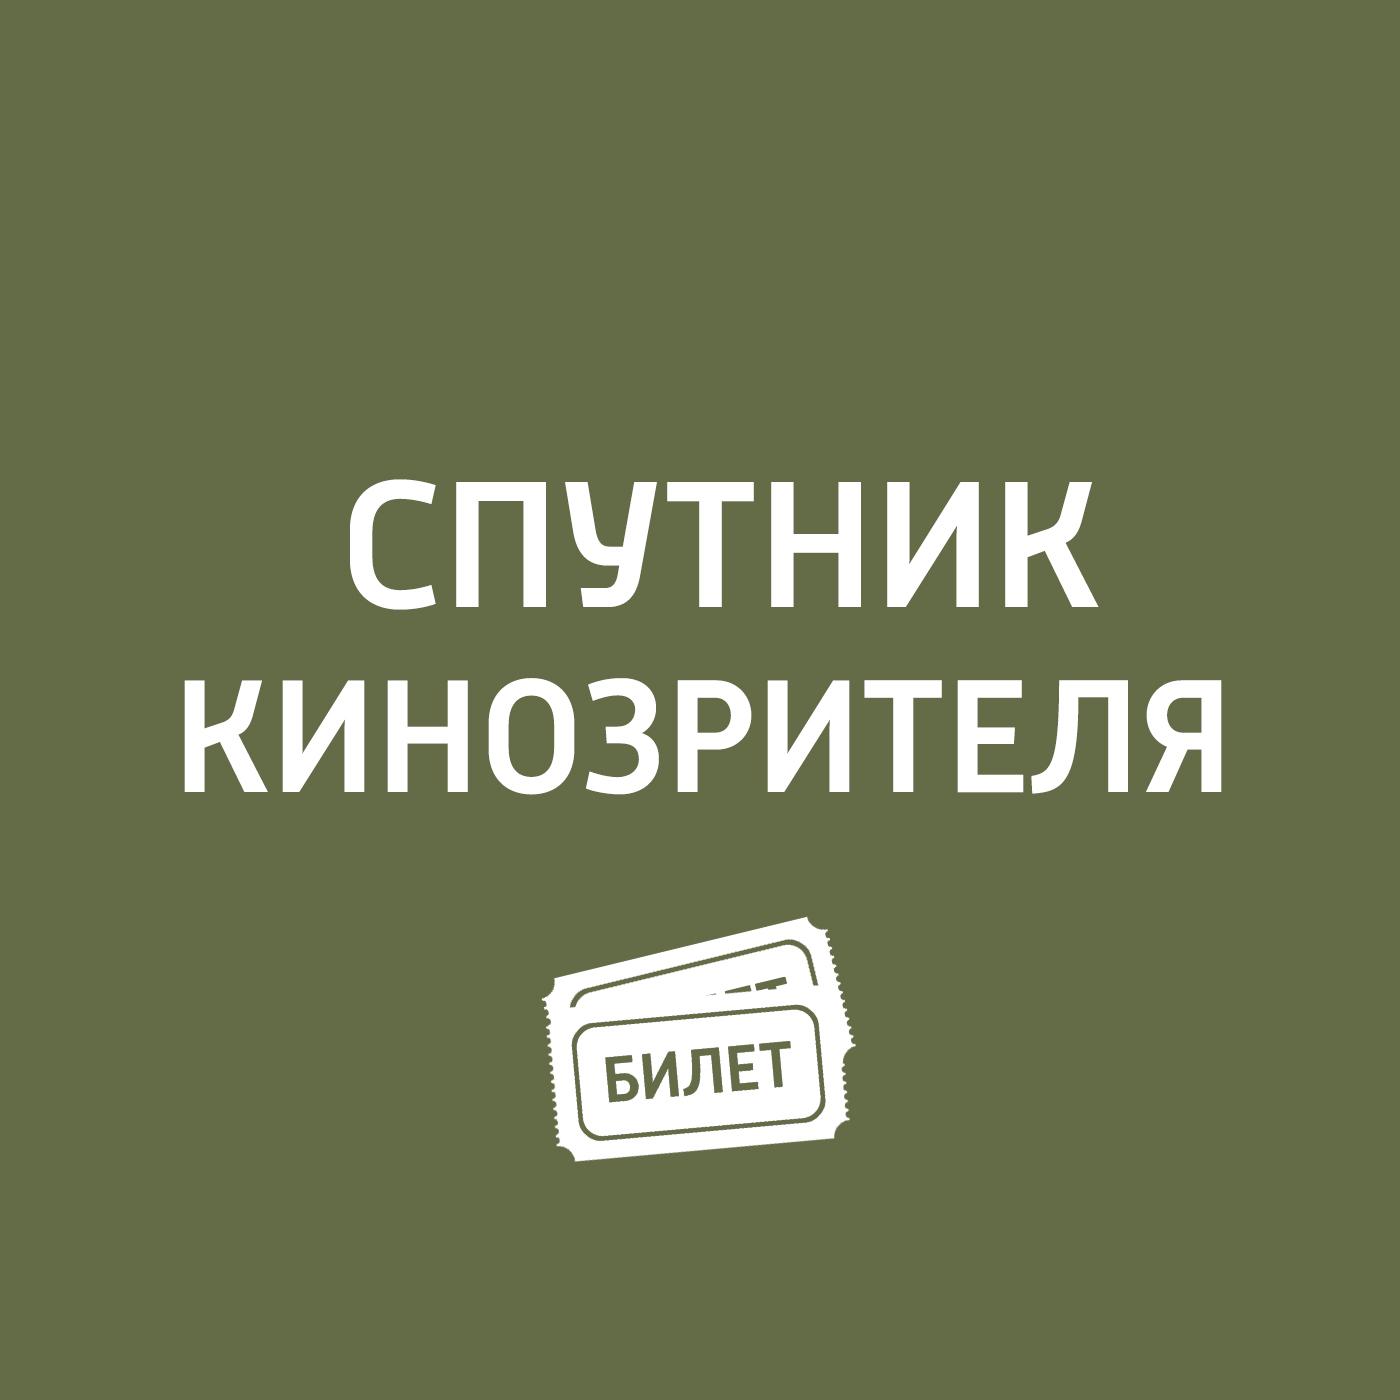 Антон Долин Форсаж 7, Дикая, Соль земли, Как поймать монстра видео фильм как поймать живую куницу